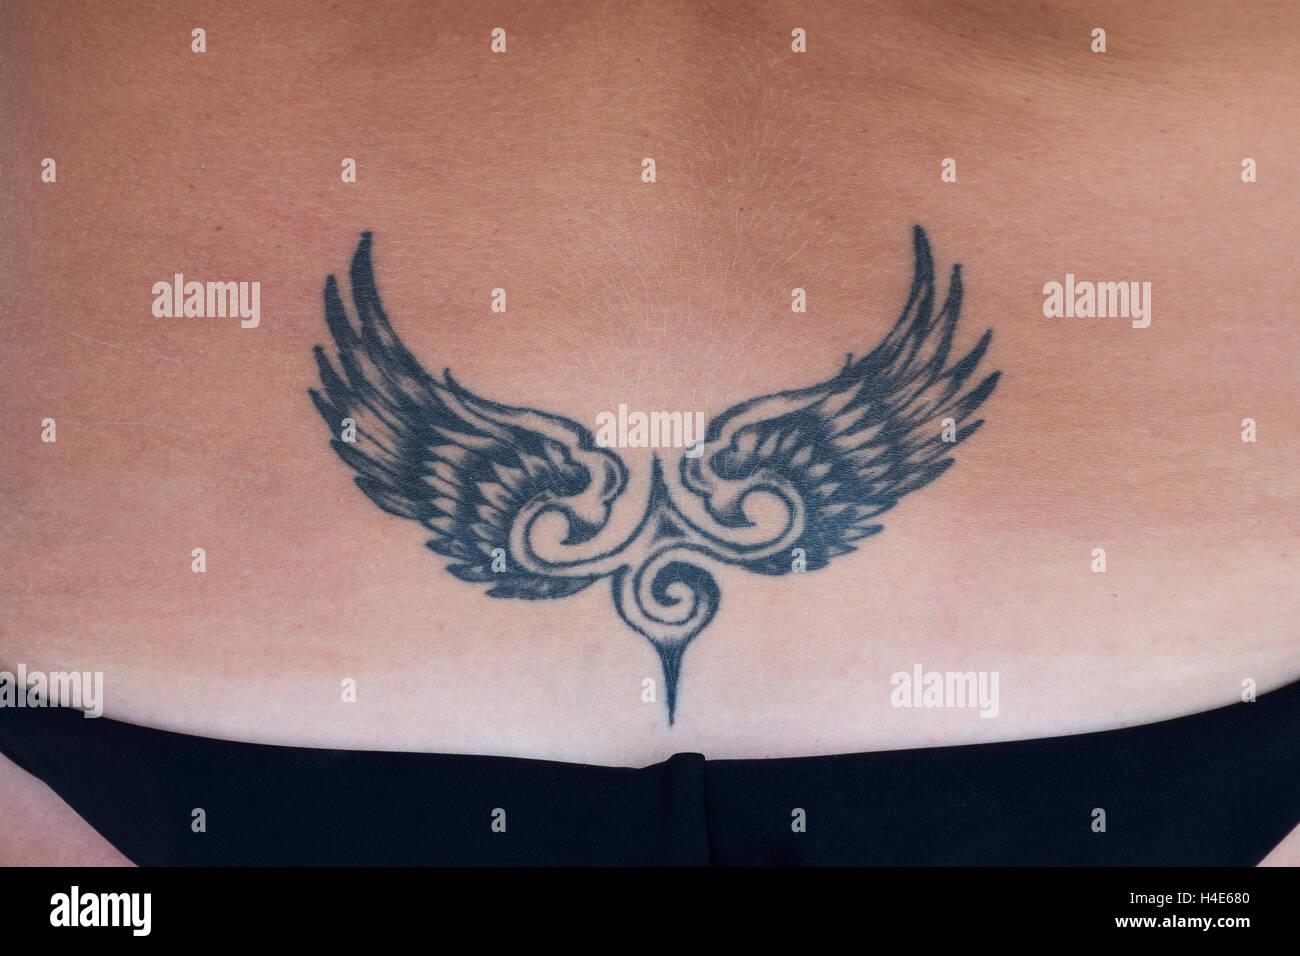 Il Tatuaggio A Forma Di Ali Sul Retro Semplice Tatuaggio Per Un